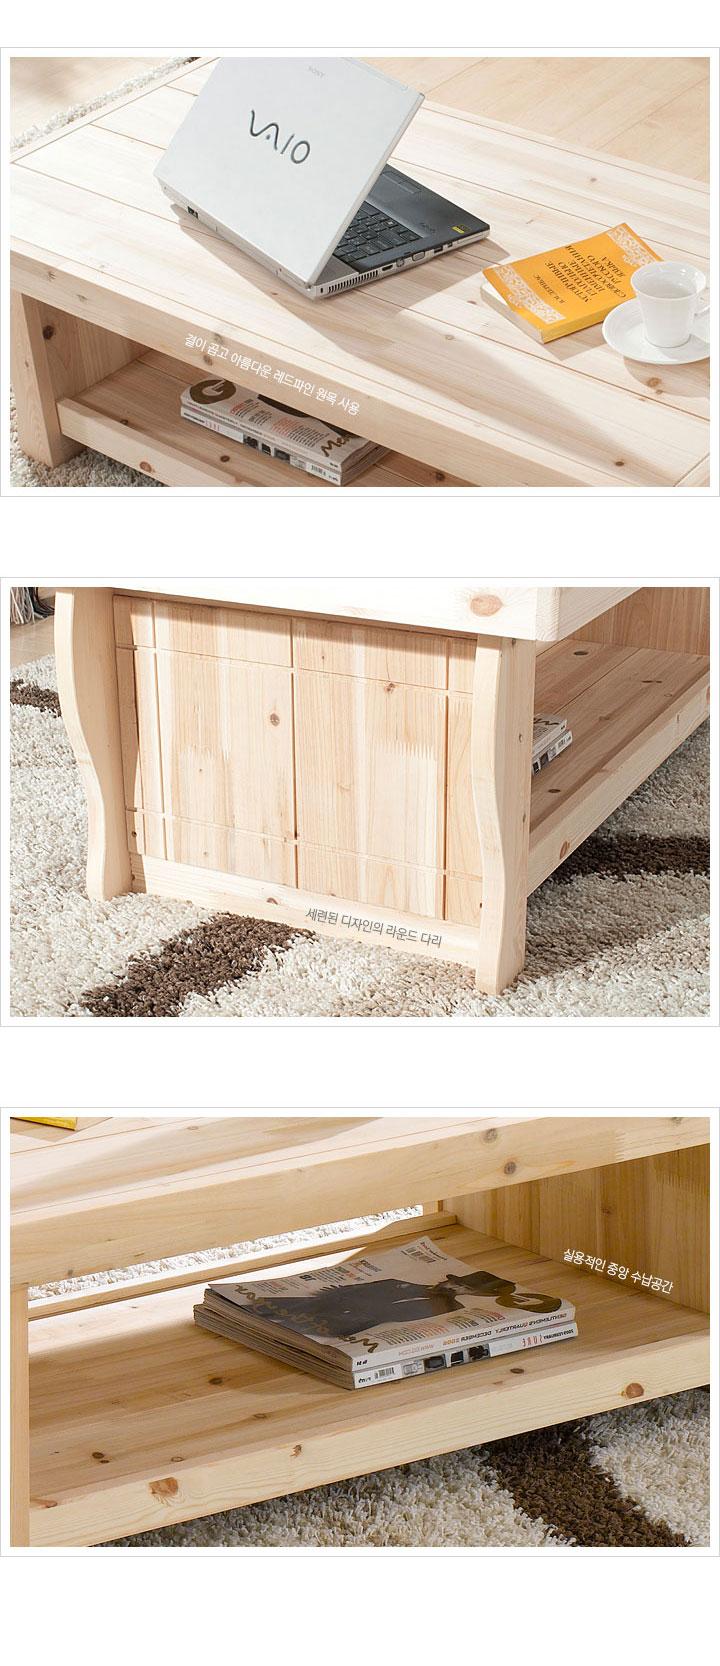 에팔 레드파인 원목 소파 테이블 - 인우드, 260,170원, 거실 테이블, 소파테이블